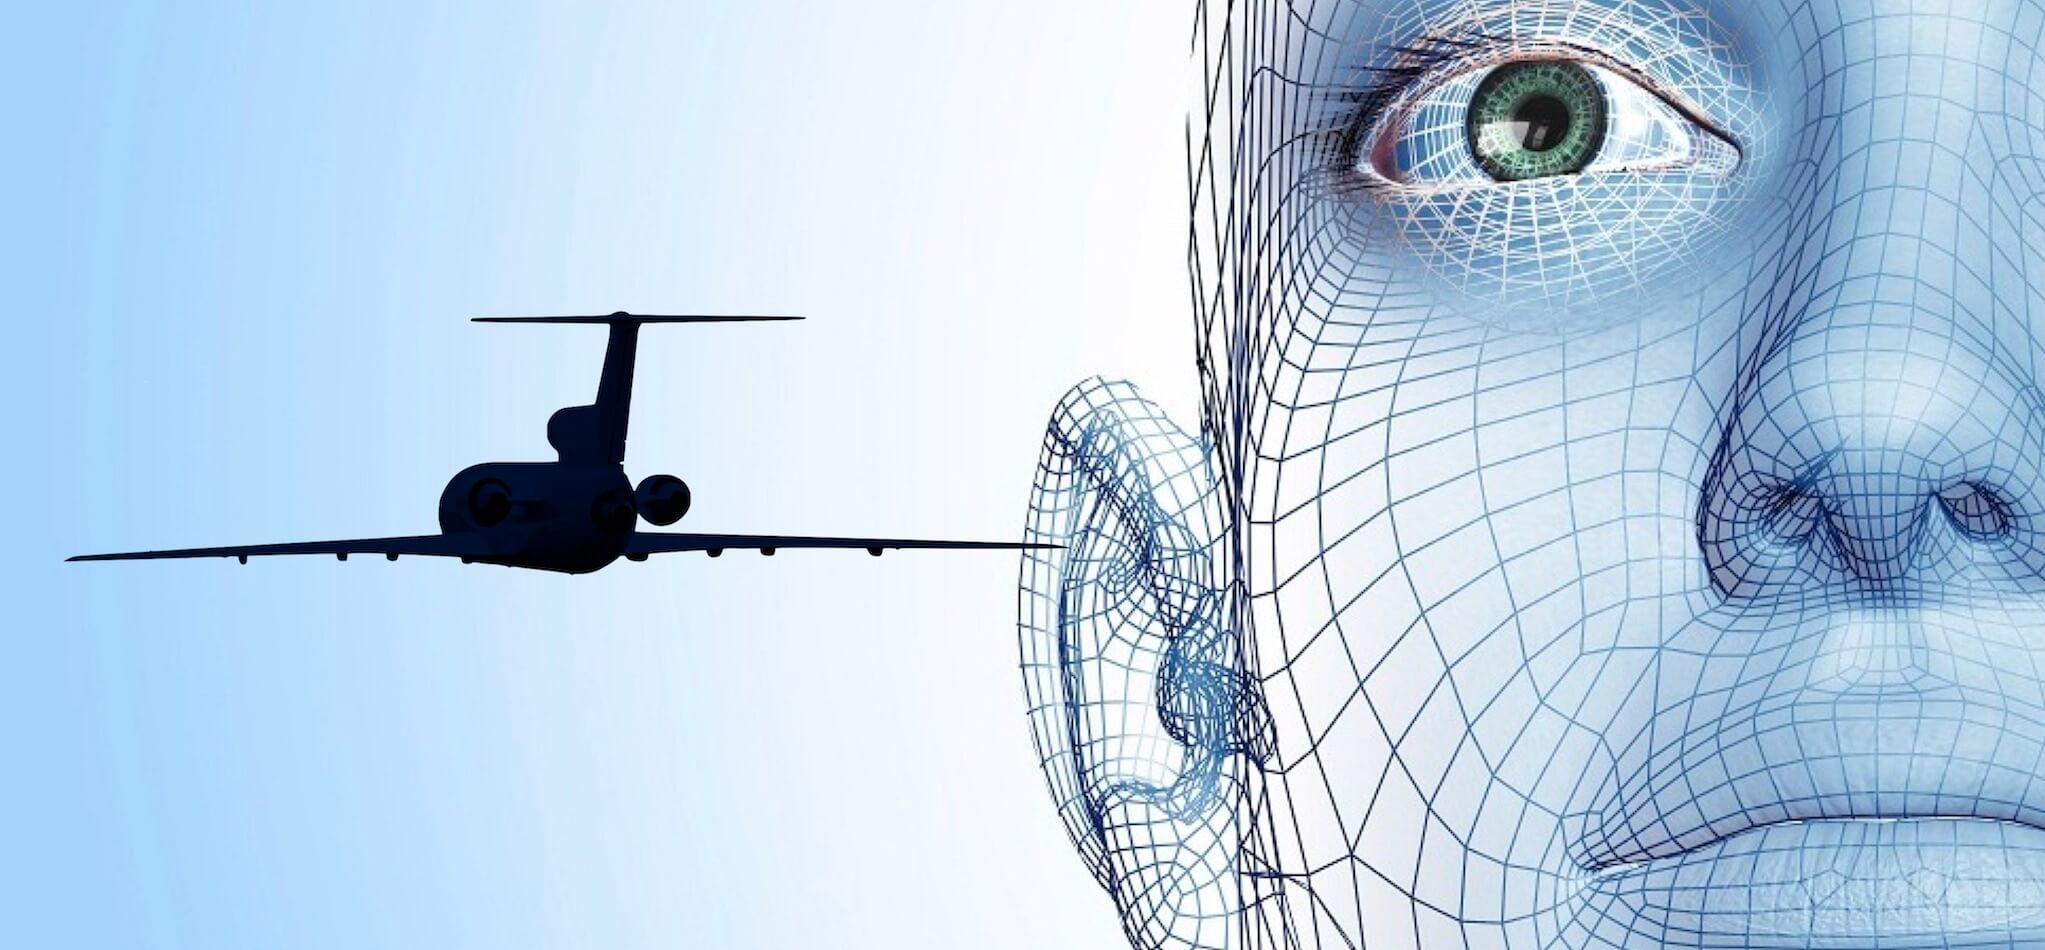 Інтелектуальні системи безпеки в аеропортах США